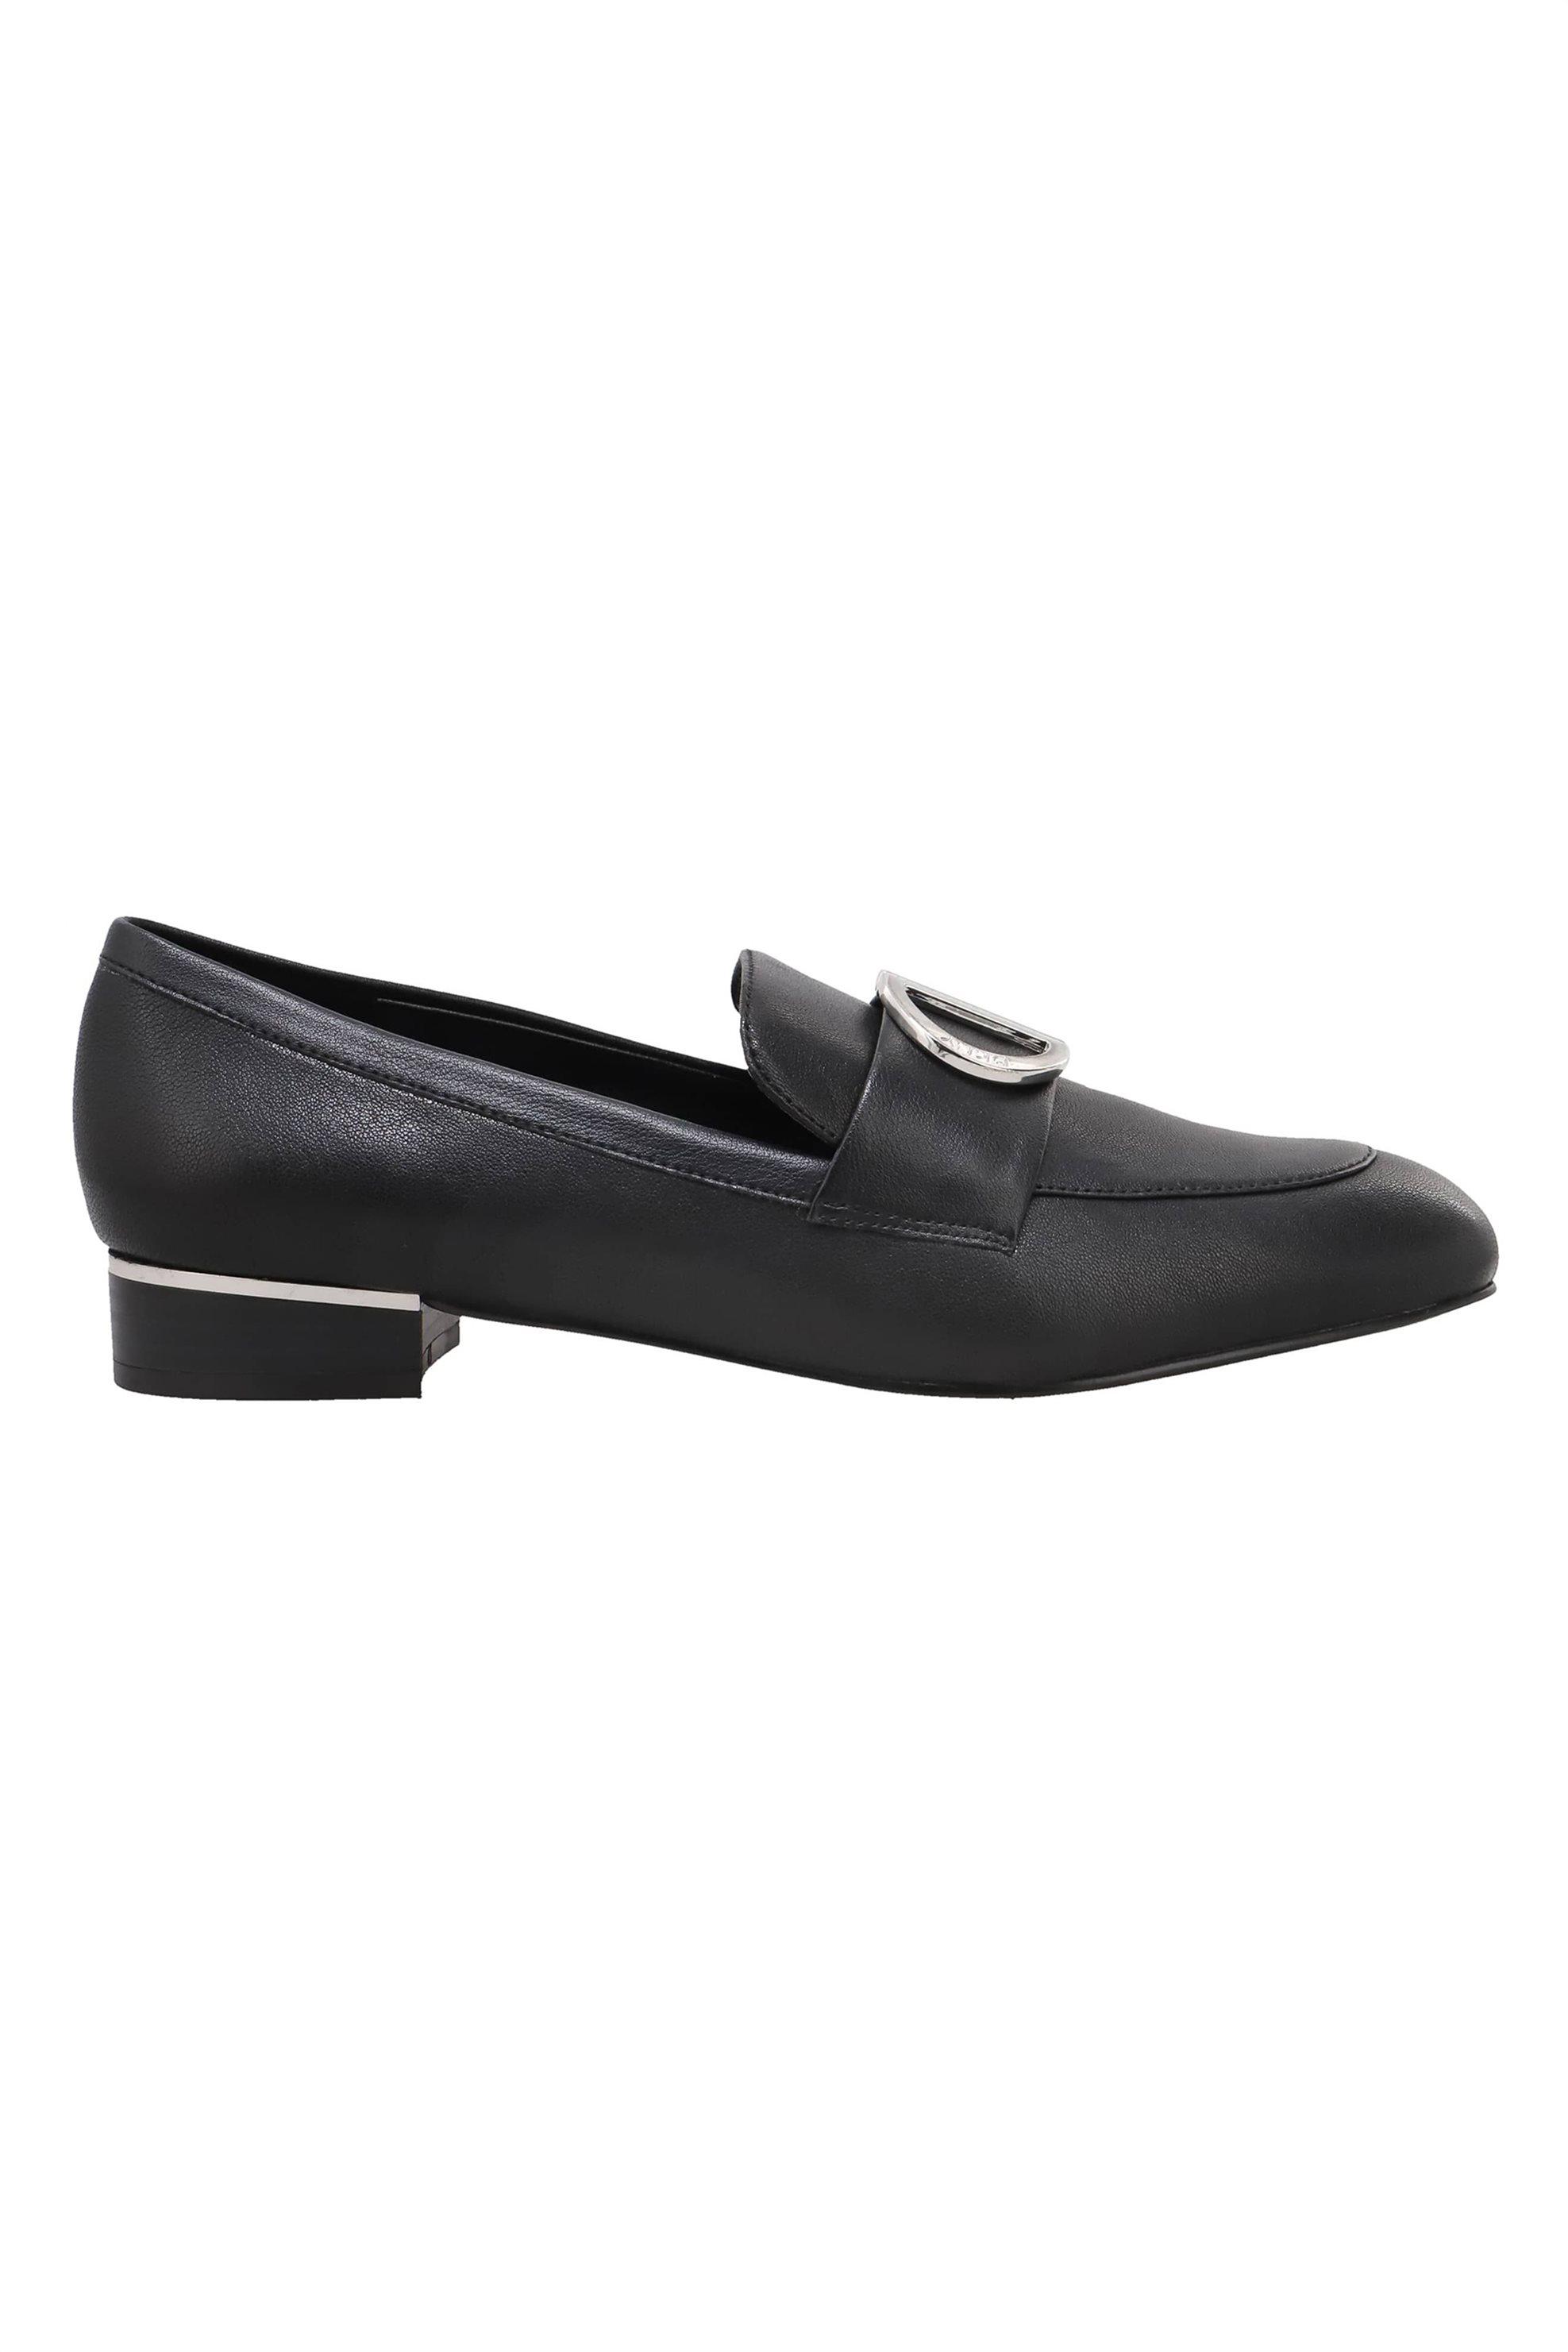 """DKNY γυναικεία loafers με μεταλλική αγράφα """"Eli"""" – K4084594 – Μαύρο"""